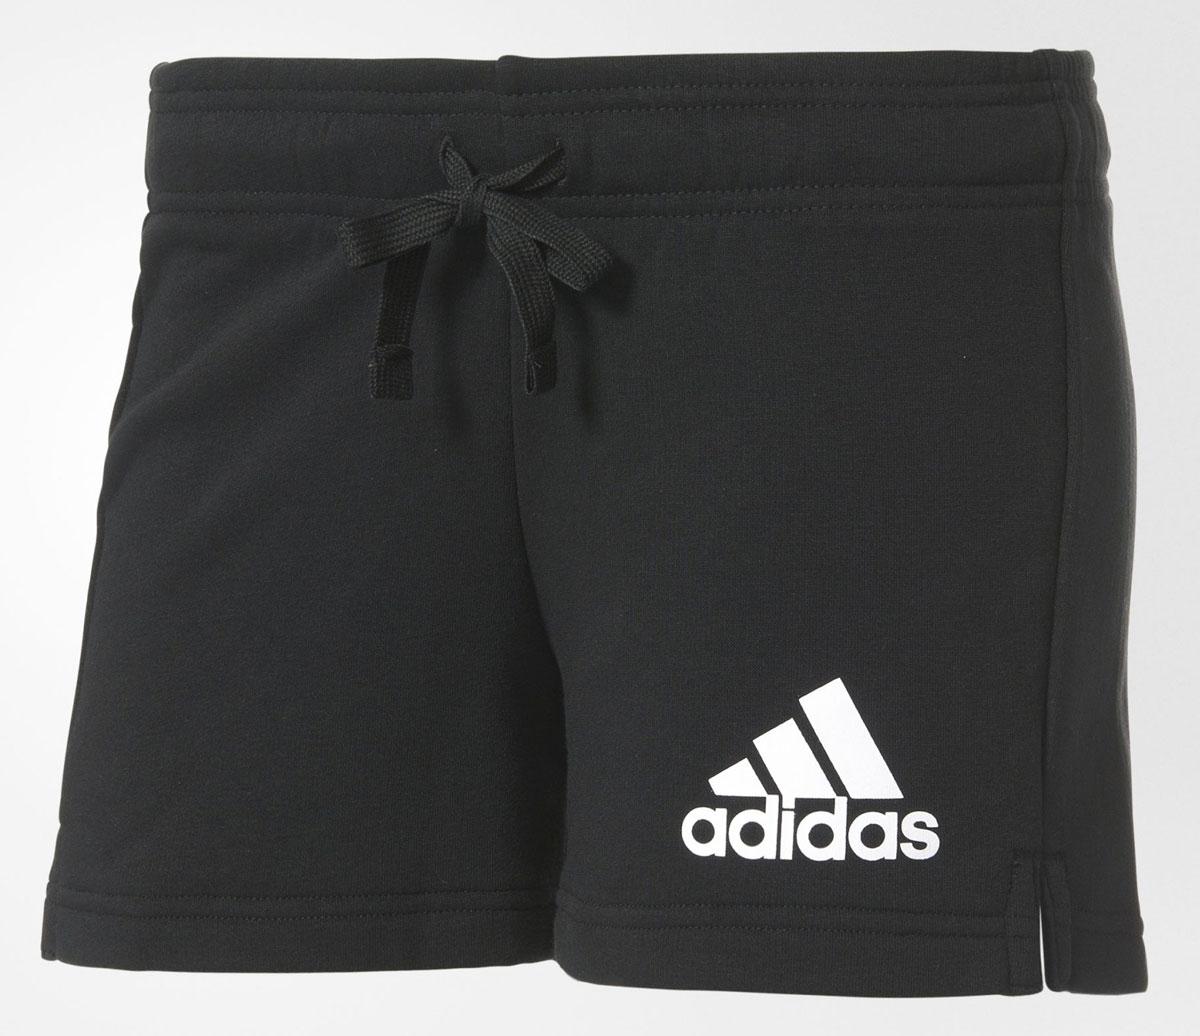 Шорты женские adidas Ess Solid Short, цвет: черный. B45780. Размер M (46/48)B45780Шорты женские adidas Ess Solid Short выполнены из хлопка с добавлением полиэстера. Дополнена модель эластичным поясом с затягивающимся шнурком.